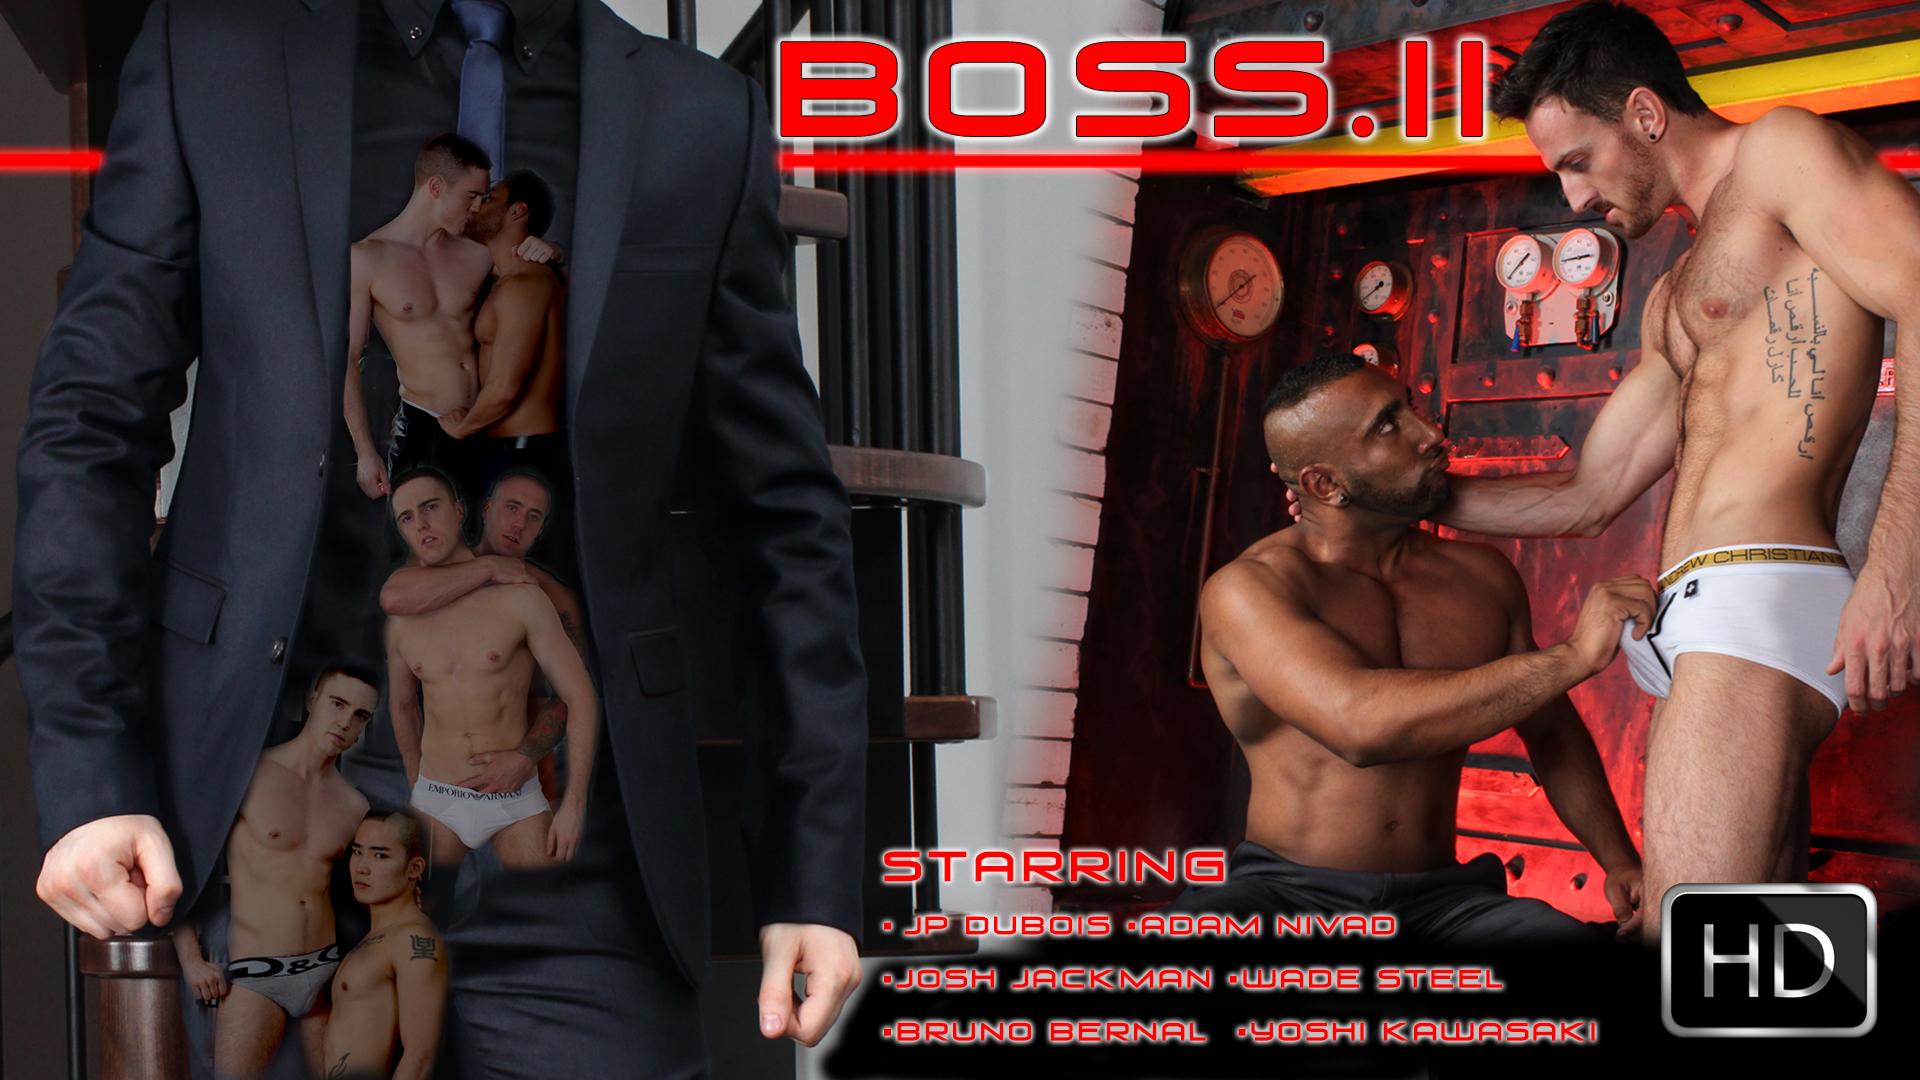 BOSS.II